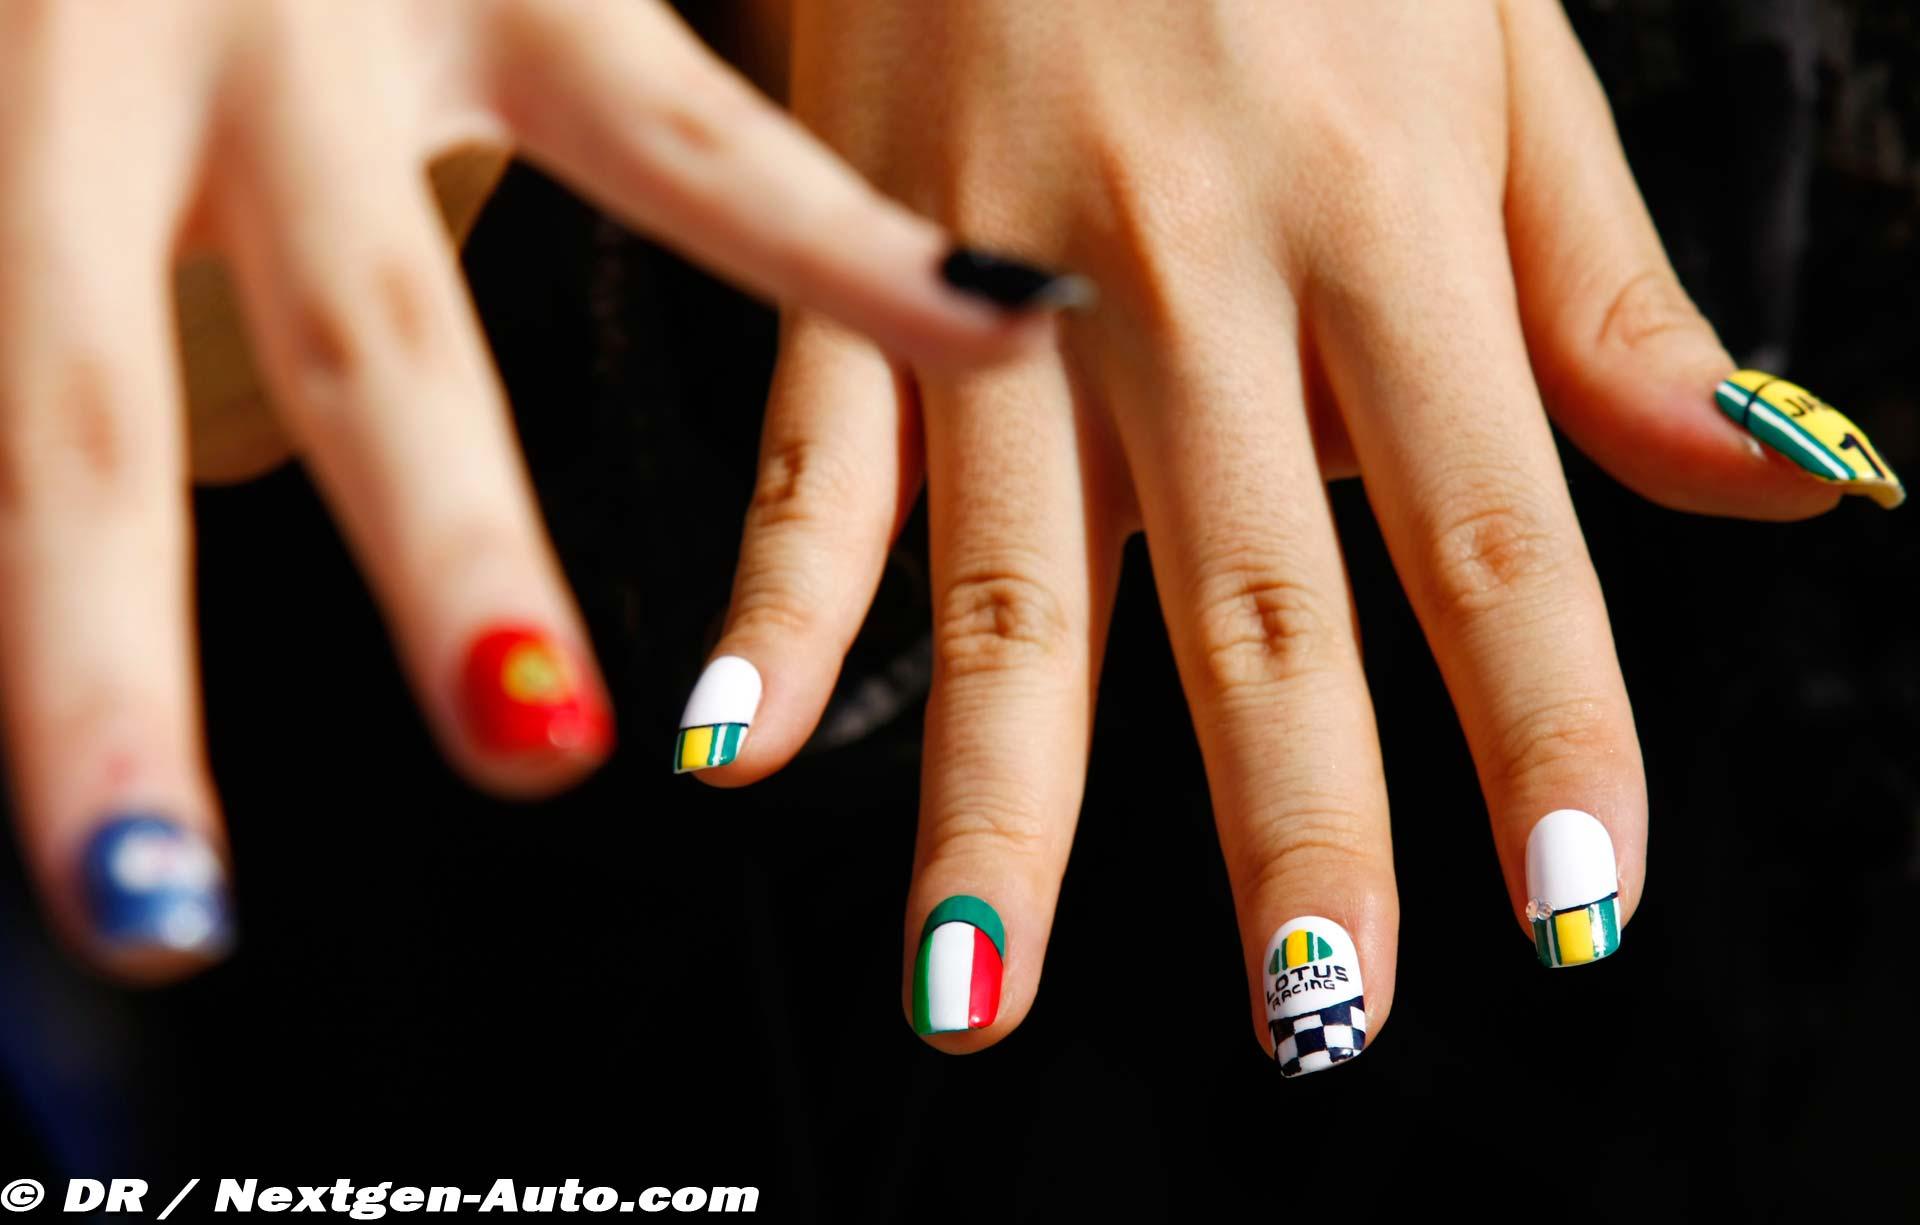 ногти раскрашенные в цвета Lotus на Гран-при Японии 2010